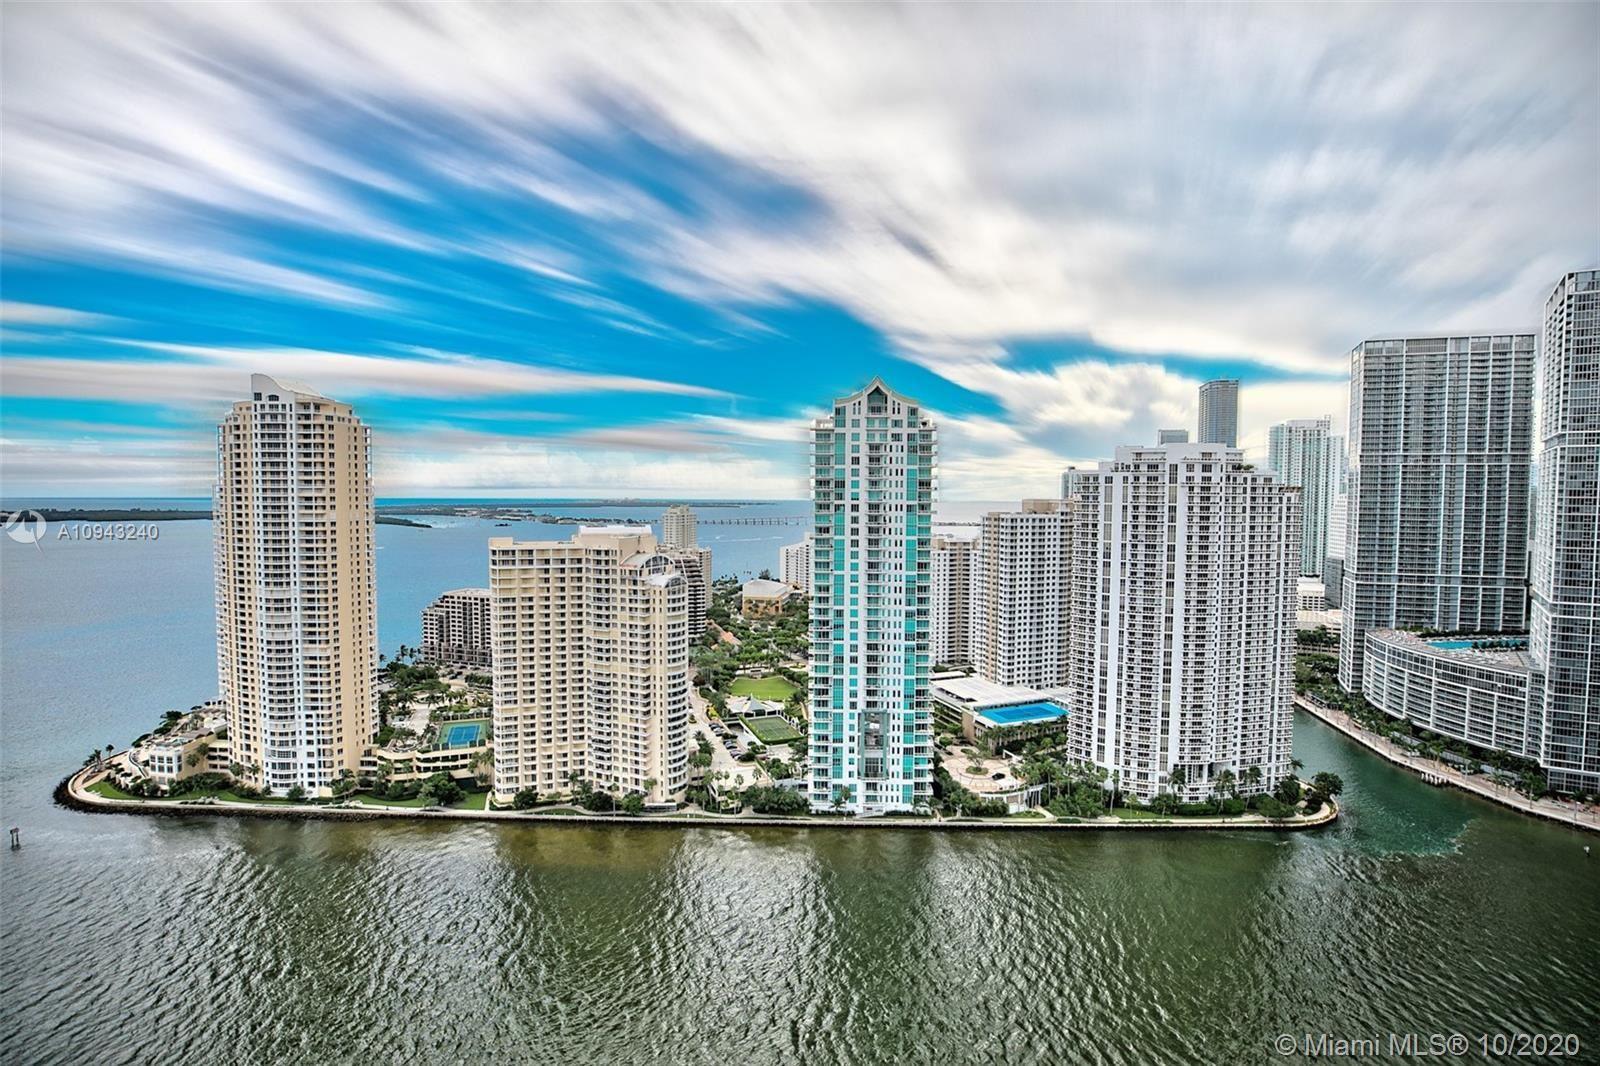 335 S Biscayne Blvd #3801, Miami, FL 33131 - #: A10943240